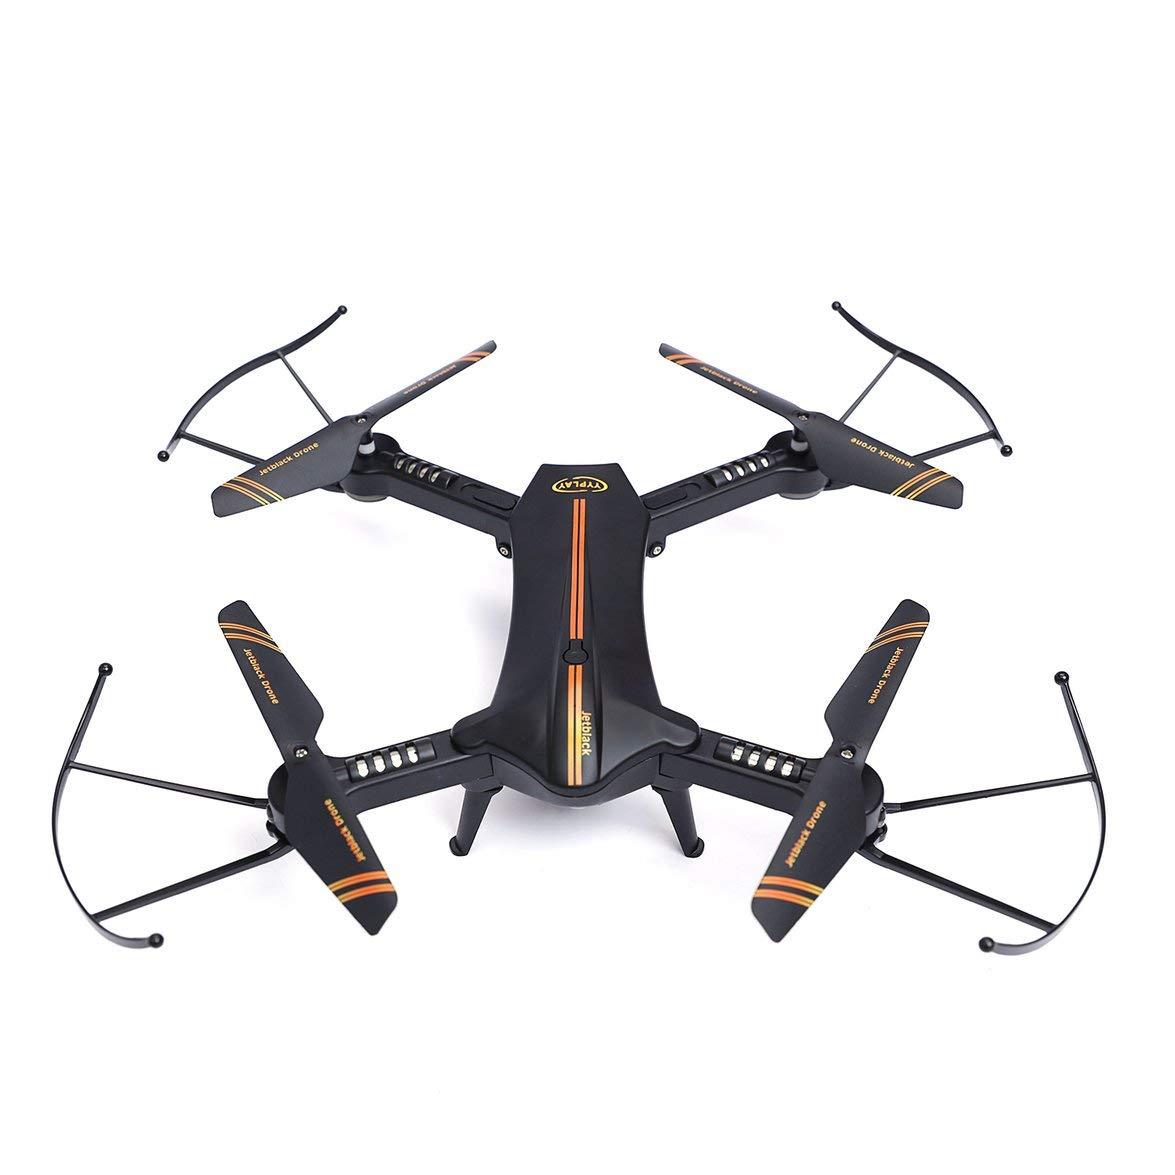 Kongqiabona L6060W Drone 2.4G Drone FPV Fotocamera Drone RC Quadcopter RC Drone Live Video Camera Drone Selfie Drone